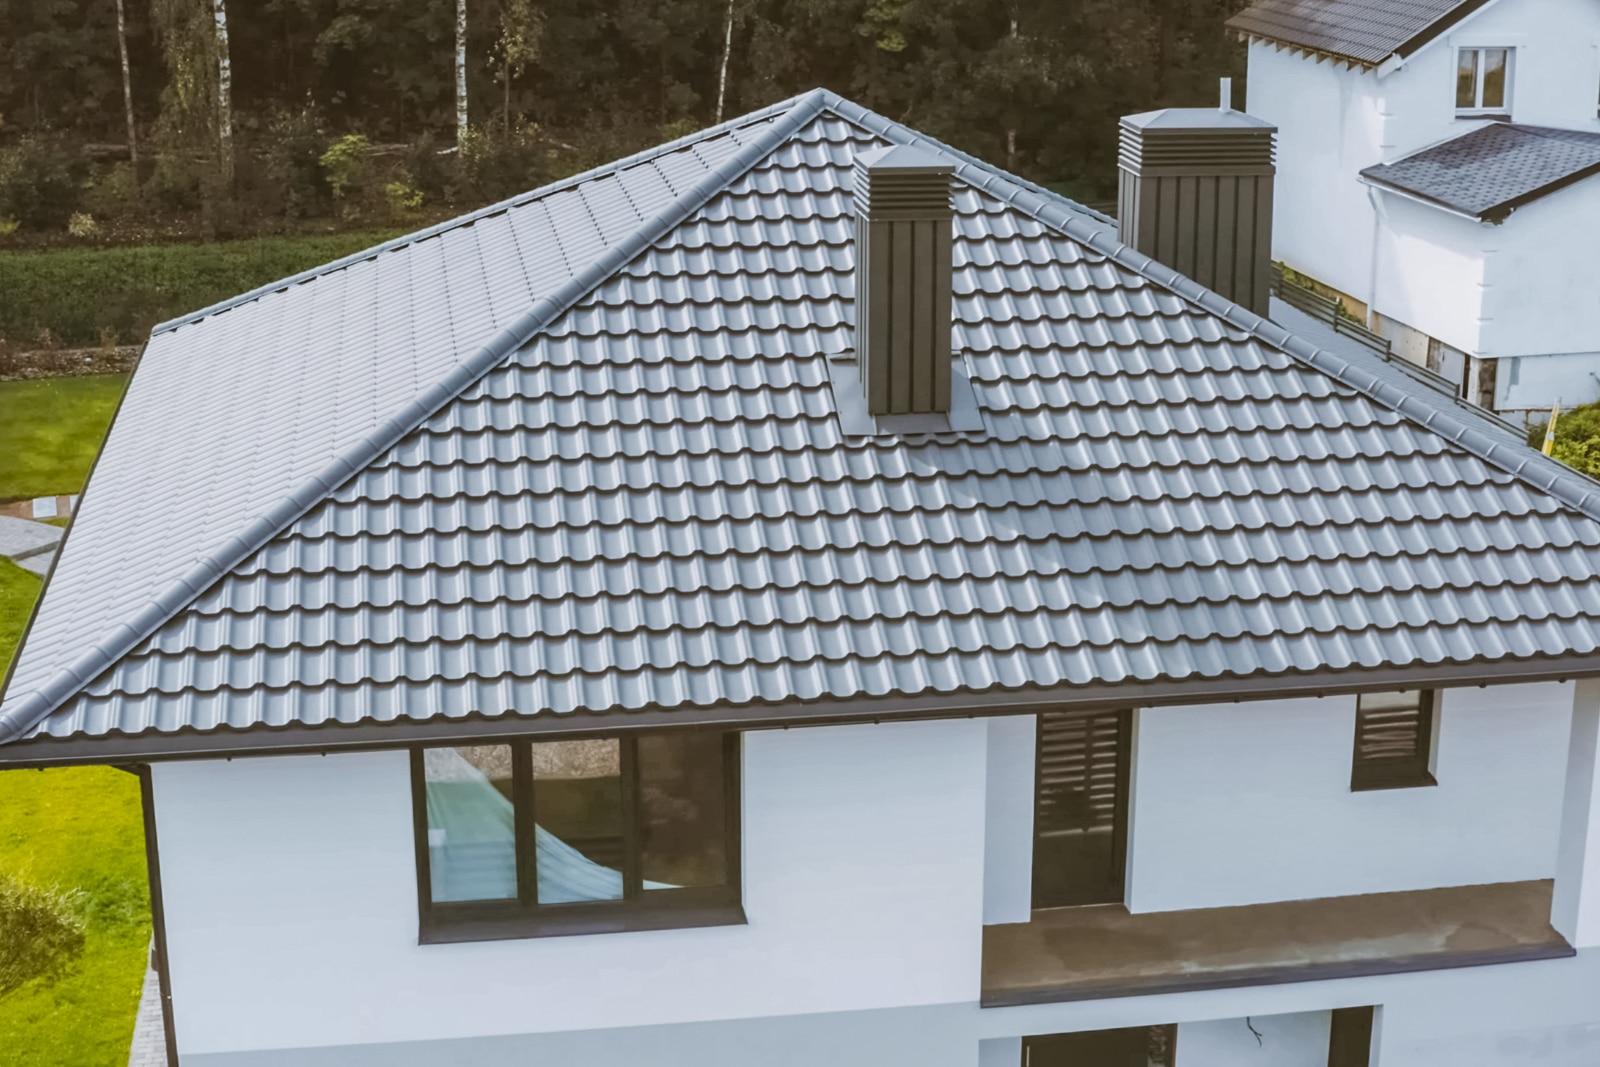 dakplaten dakbedekking voorbeeld